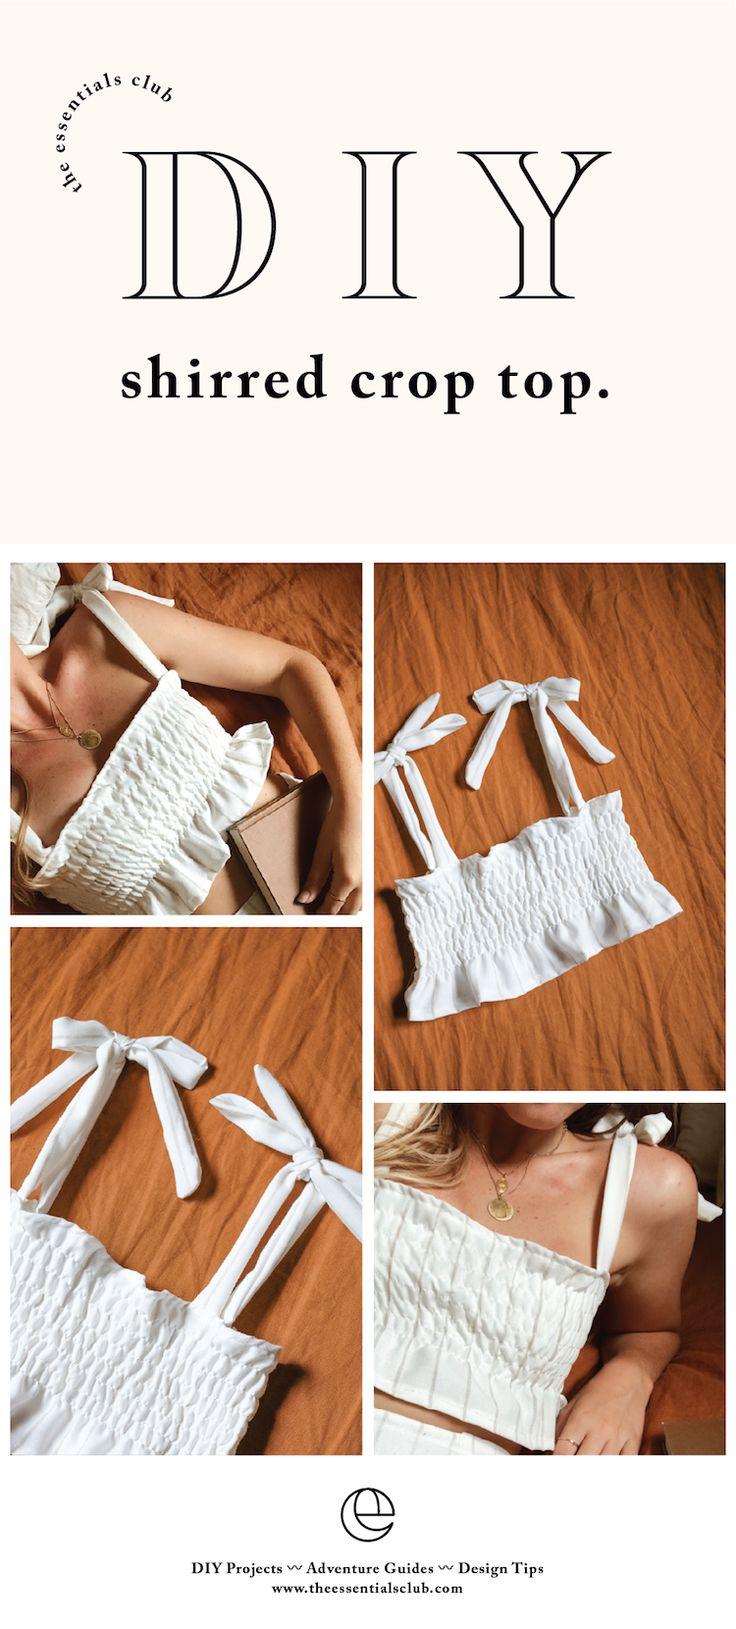 DIY: Shirred Crop Top with Tie Straps